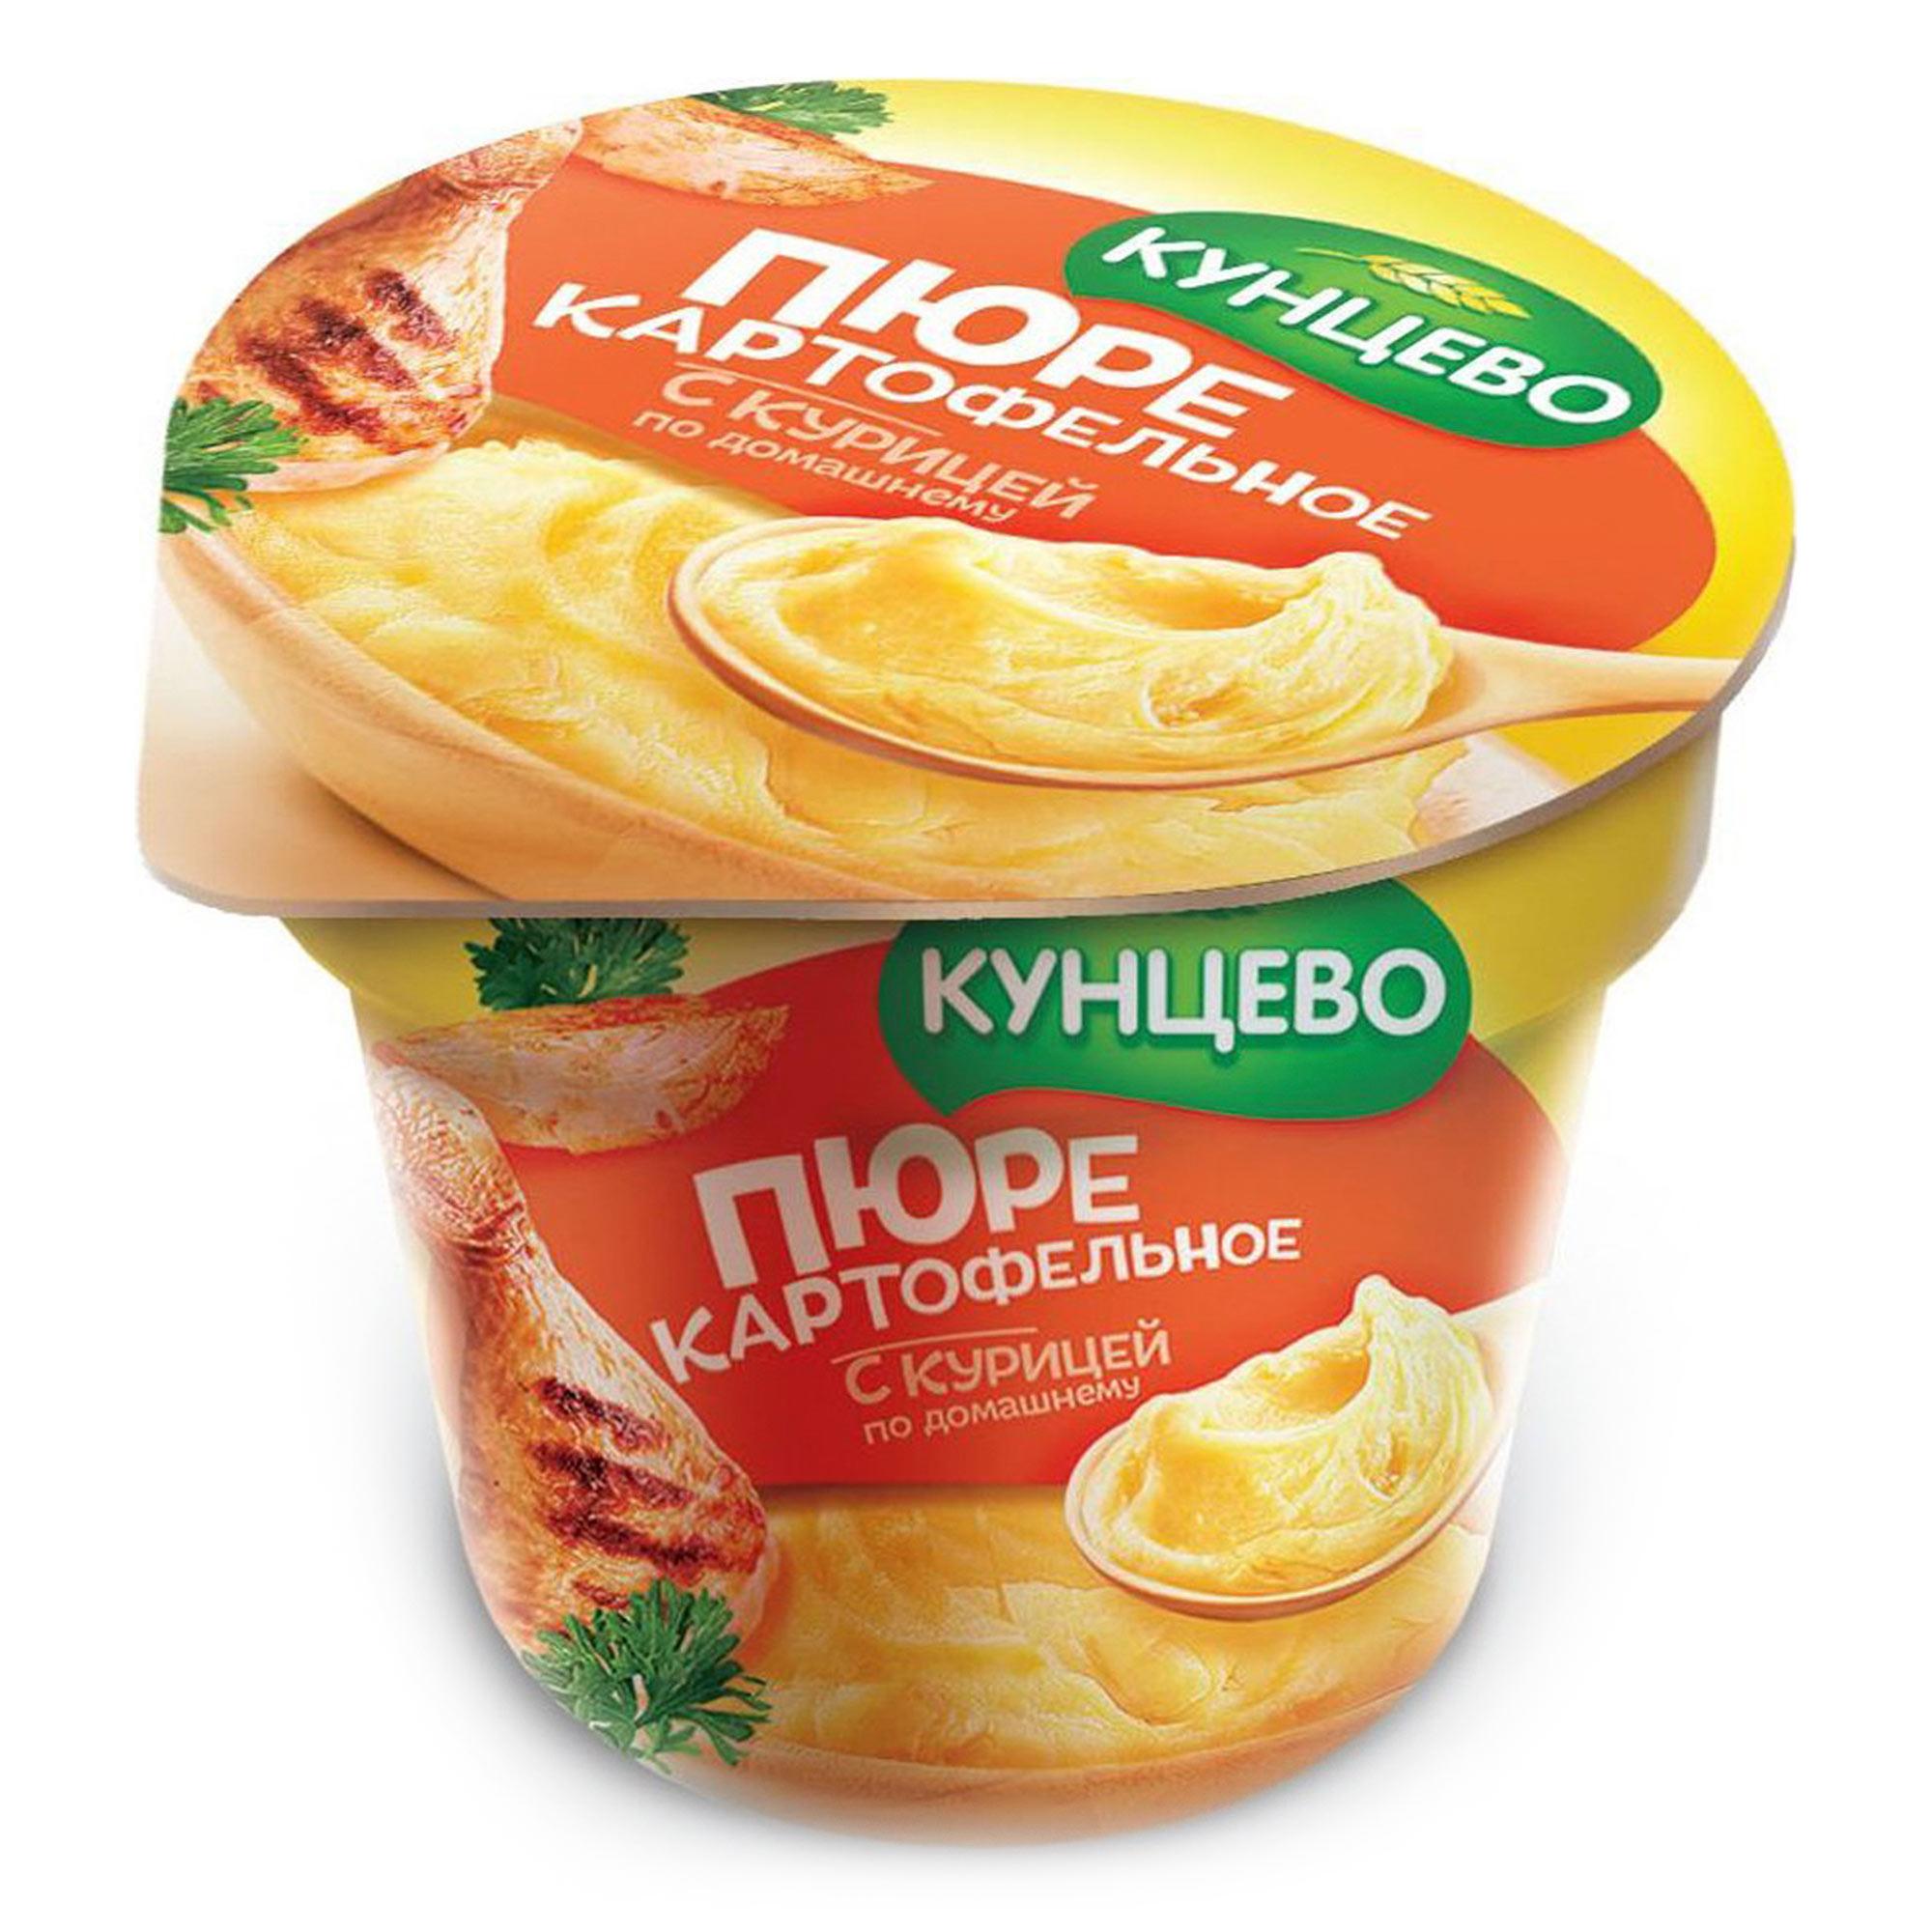 Картофельное пюре КУНЦЕВО со вкусом курицы по домашнему 40 г